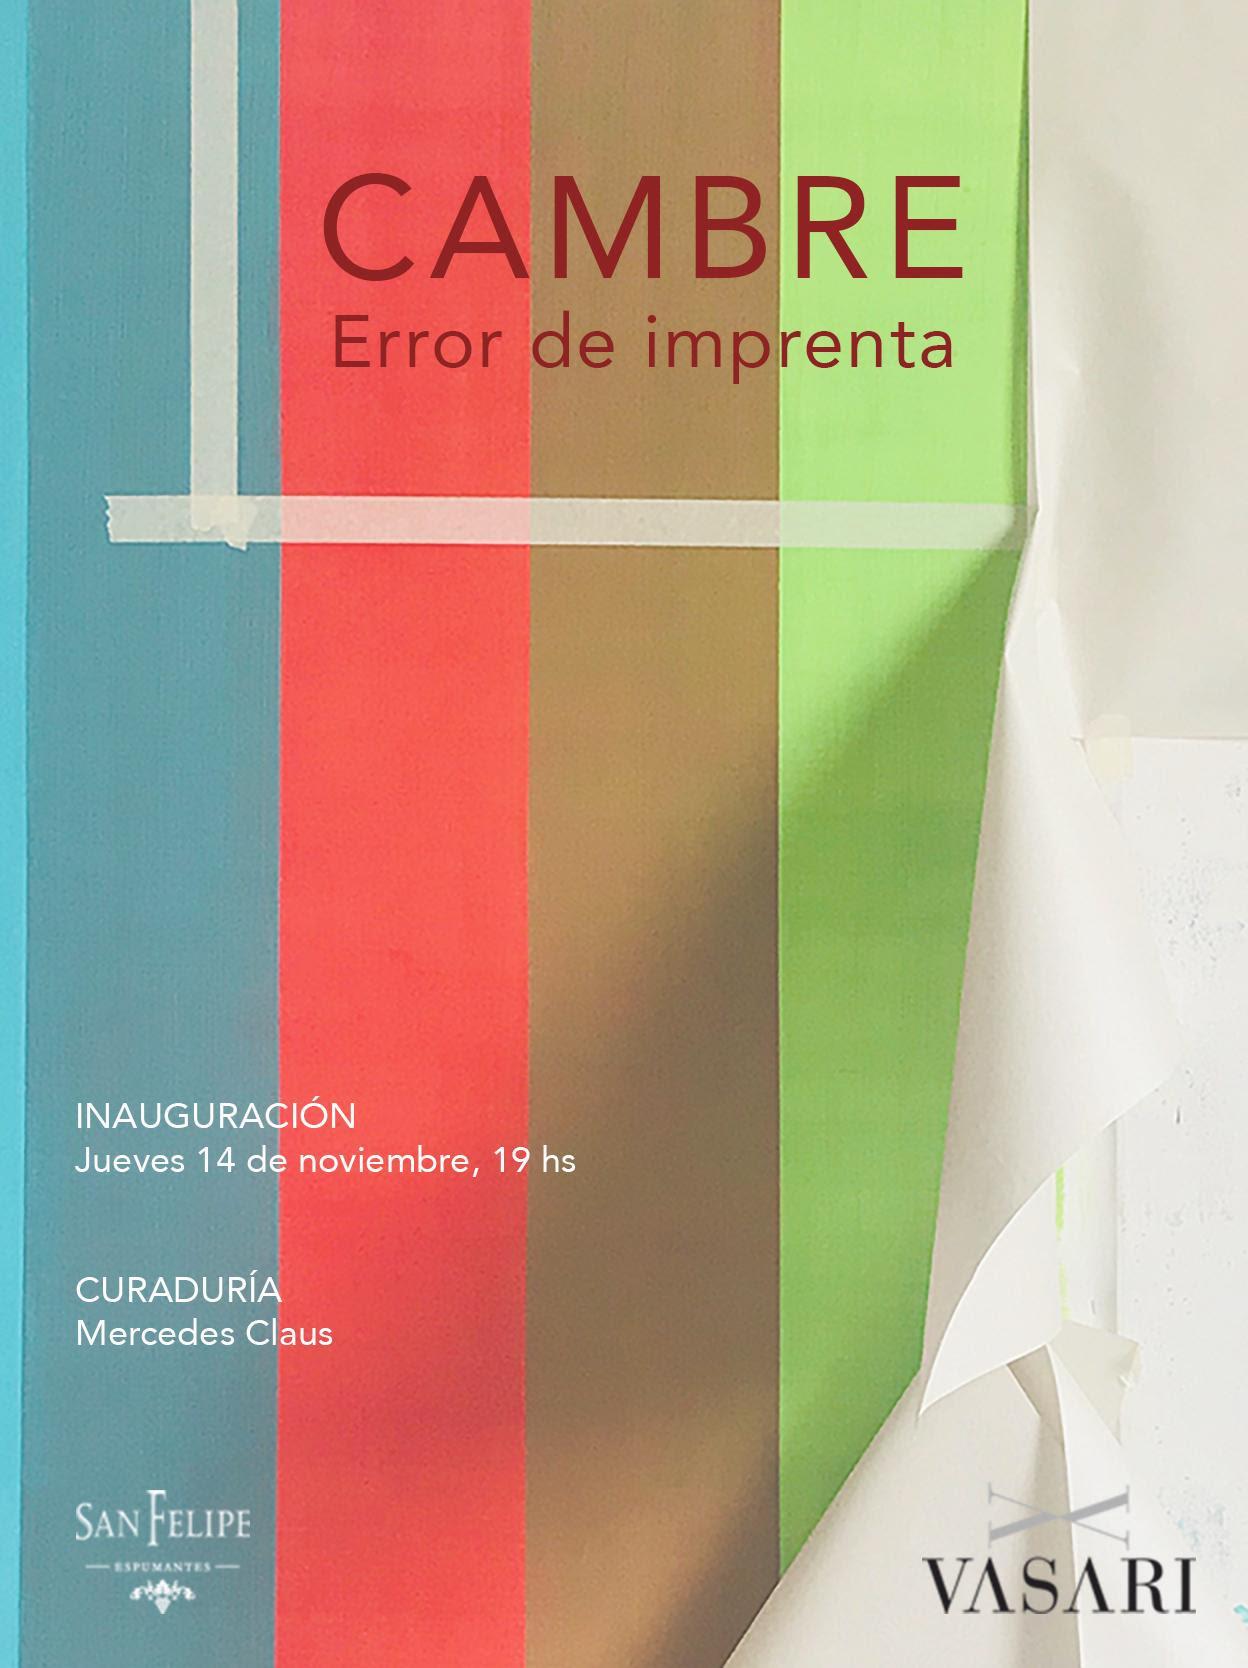 Juan José CAMBRE en Vasari ? Inauguración jueves 14, 19 hs